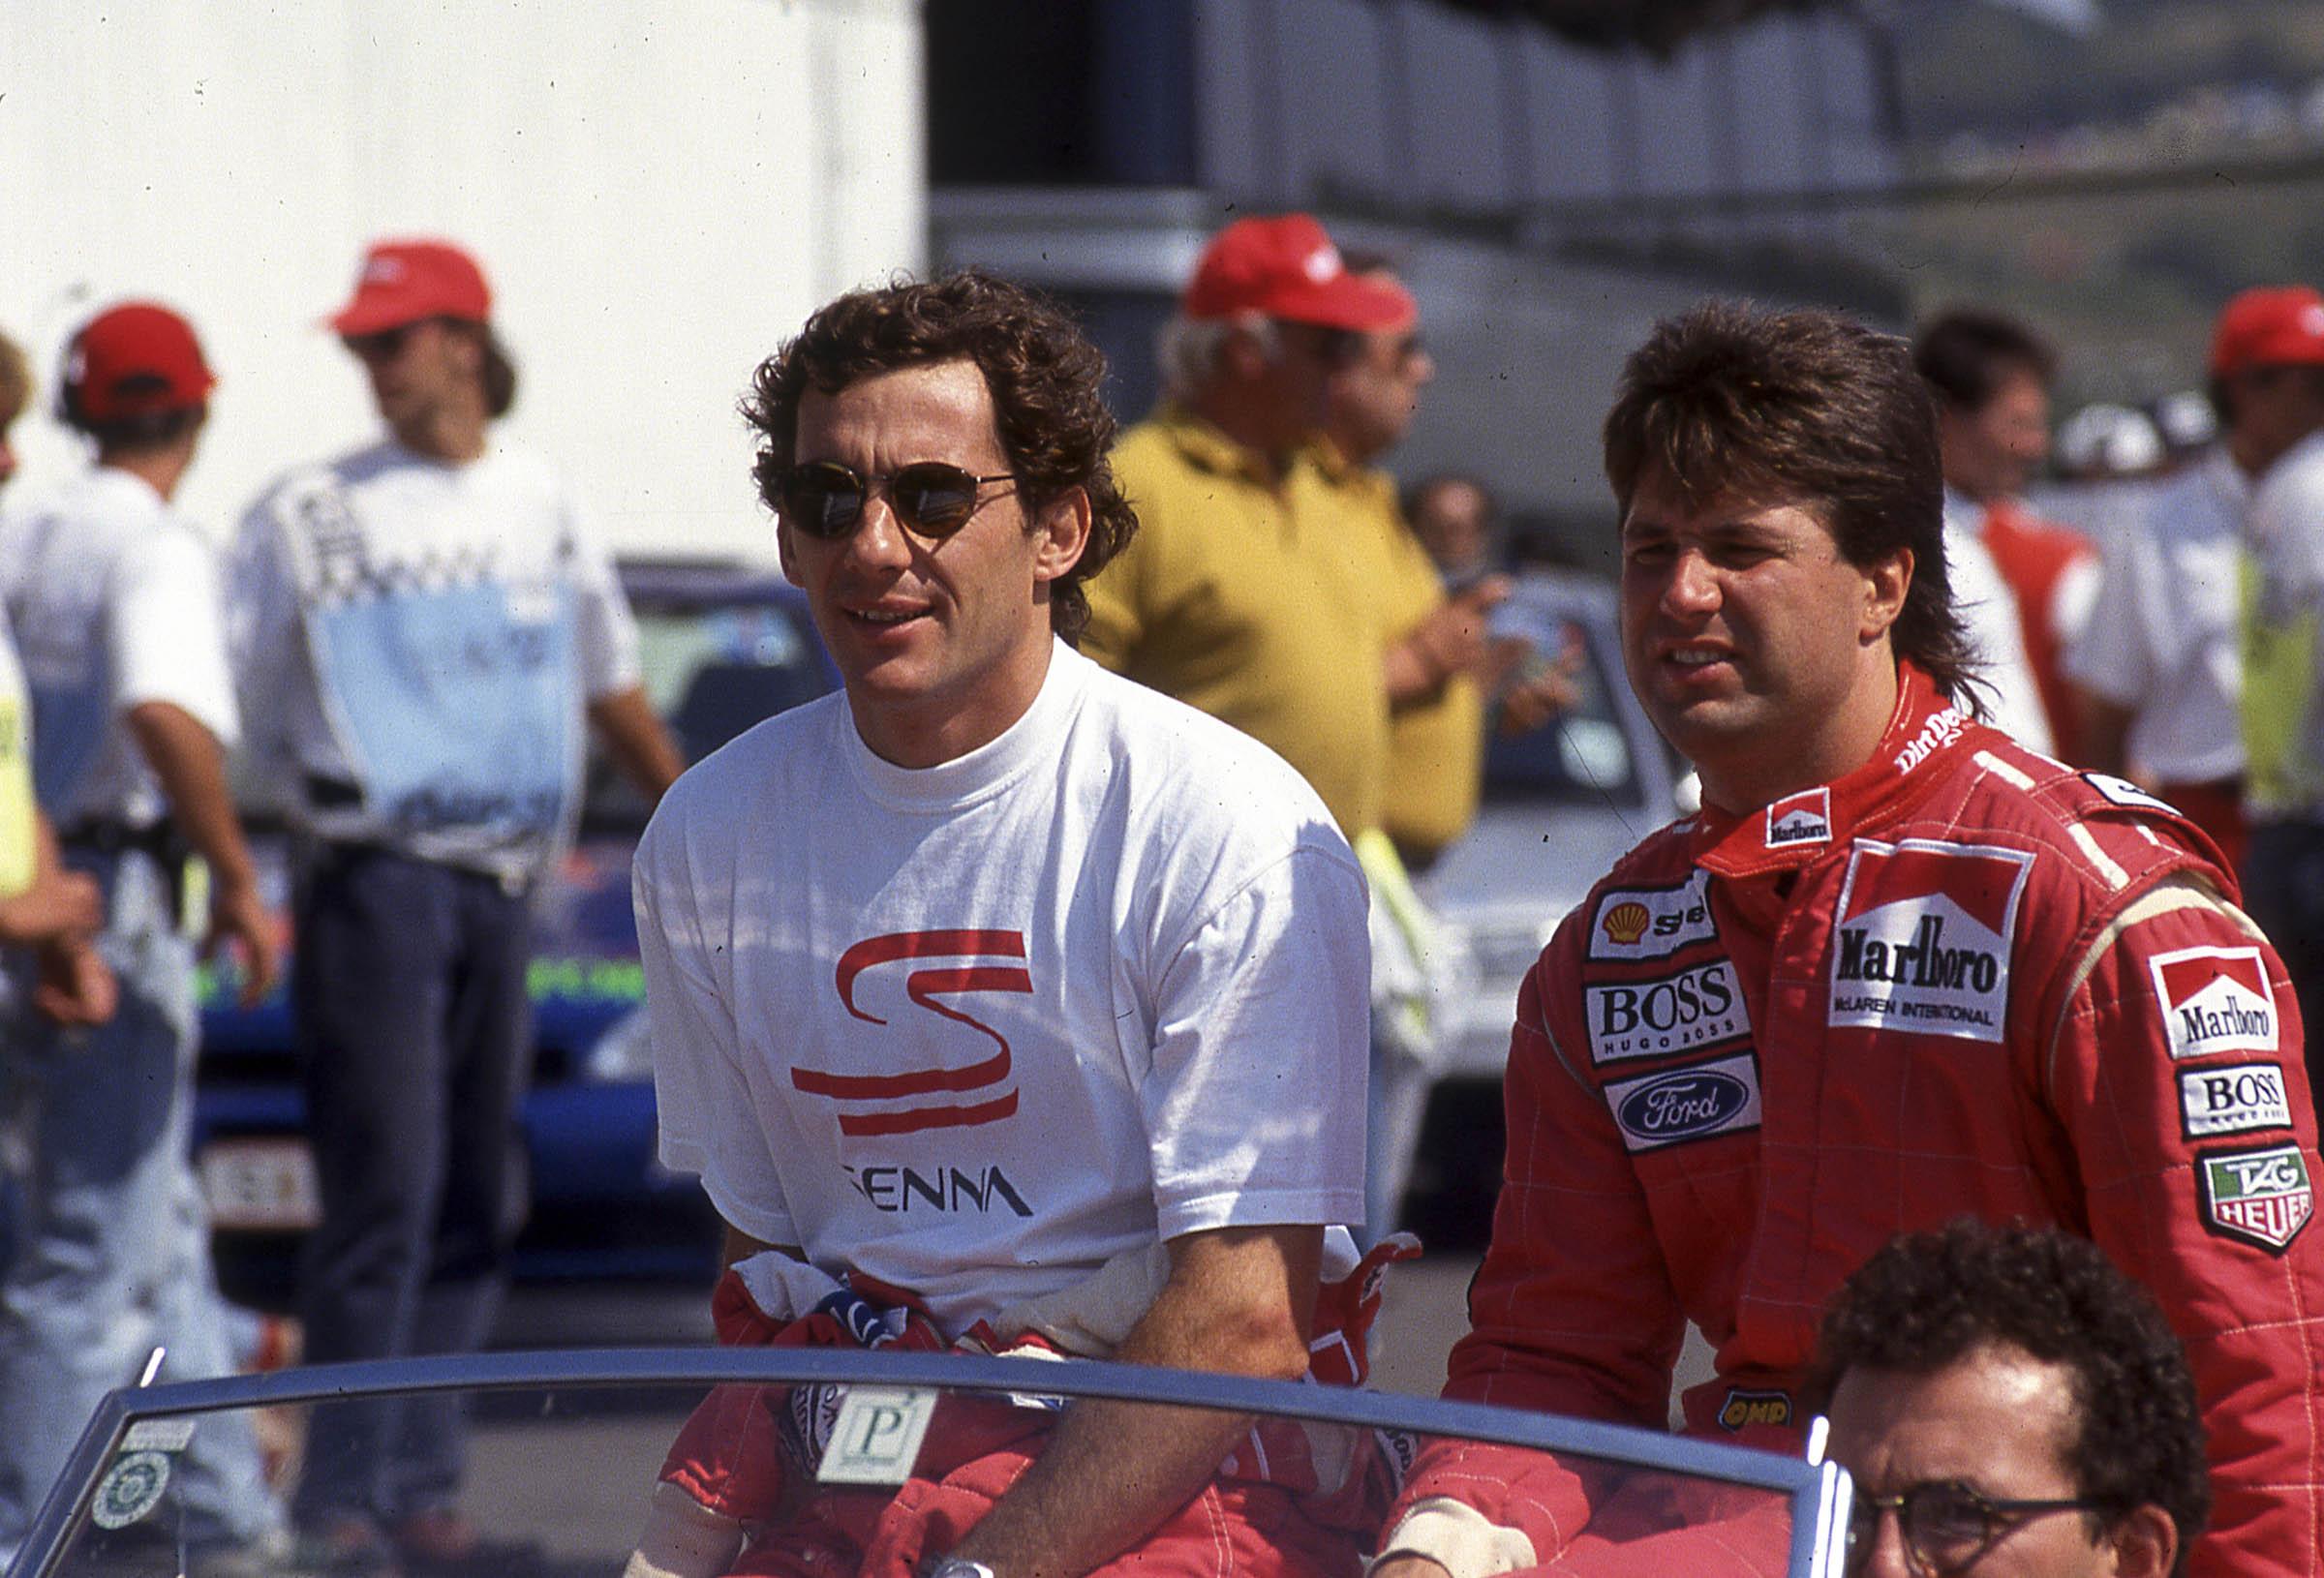 Senna at the track